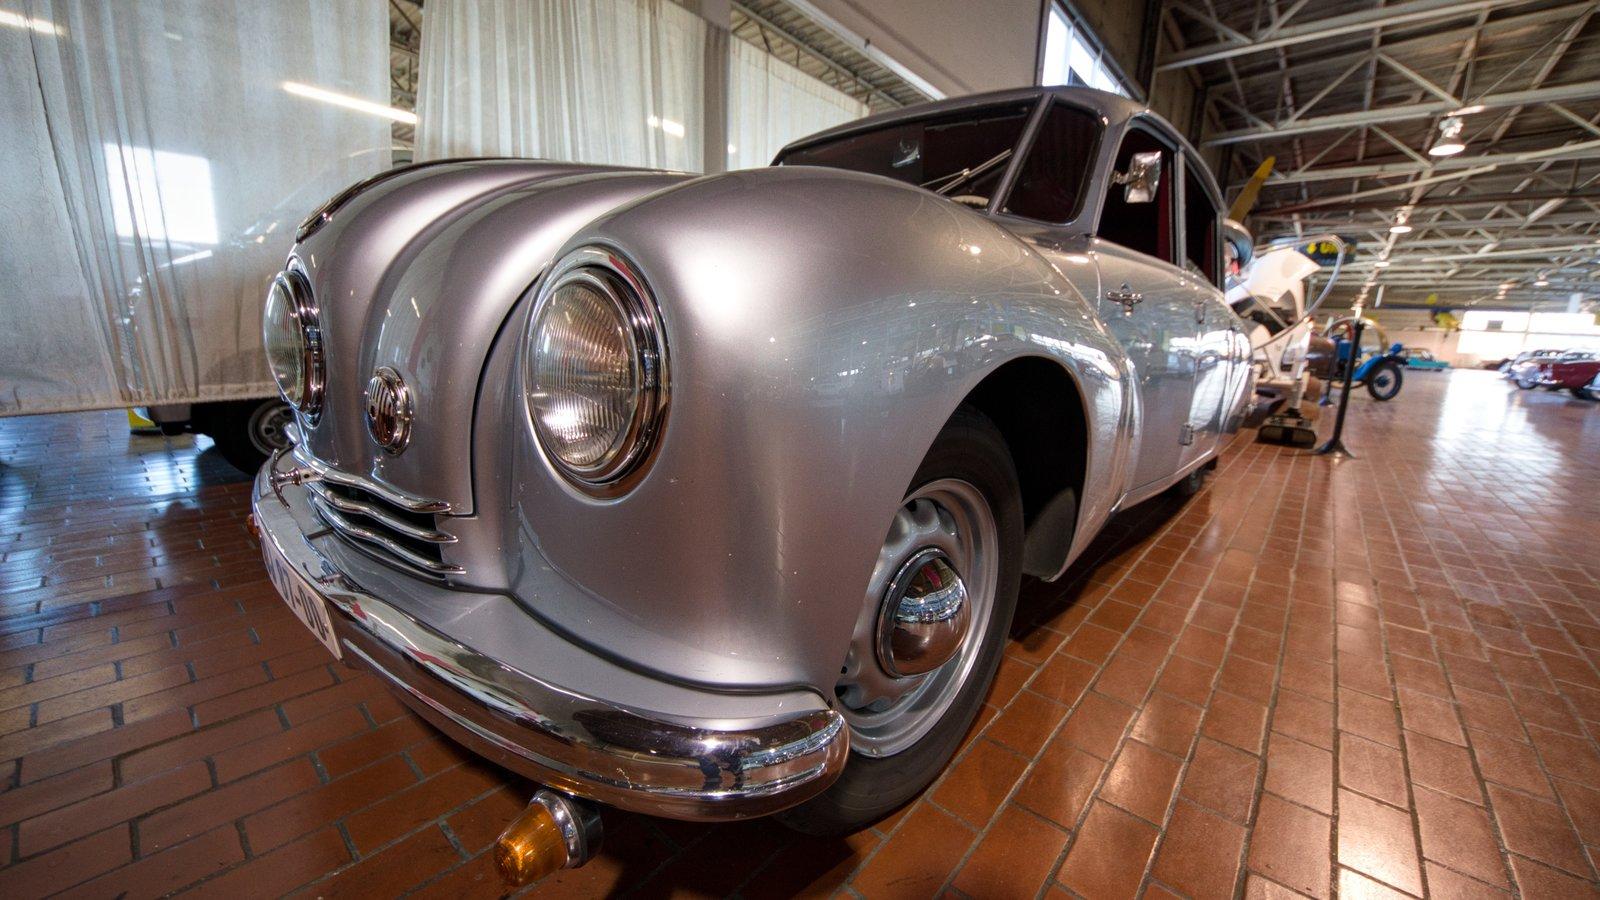 Lane Motor Museum ofreciendo vistas interiores